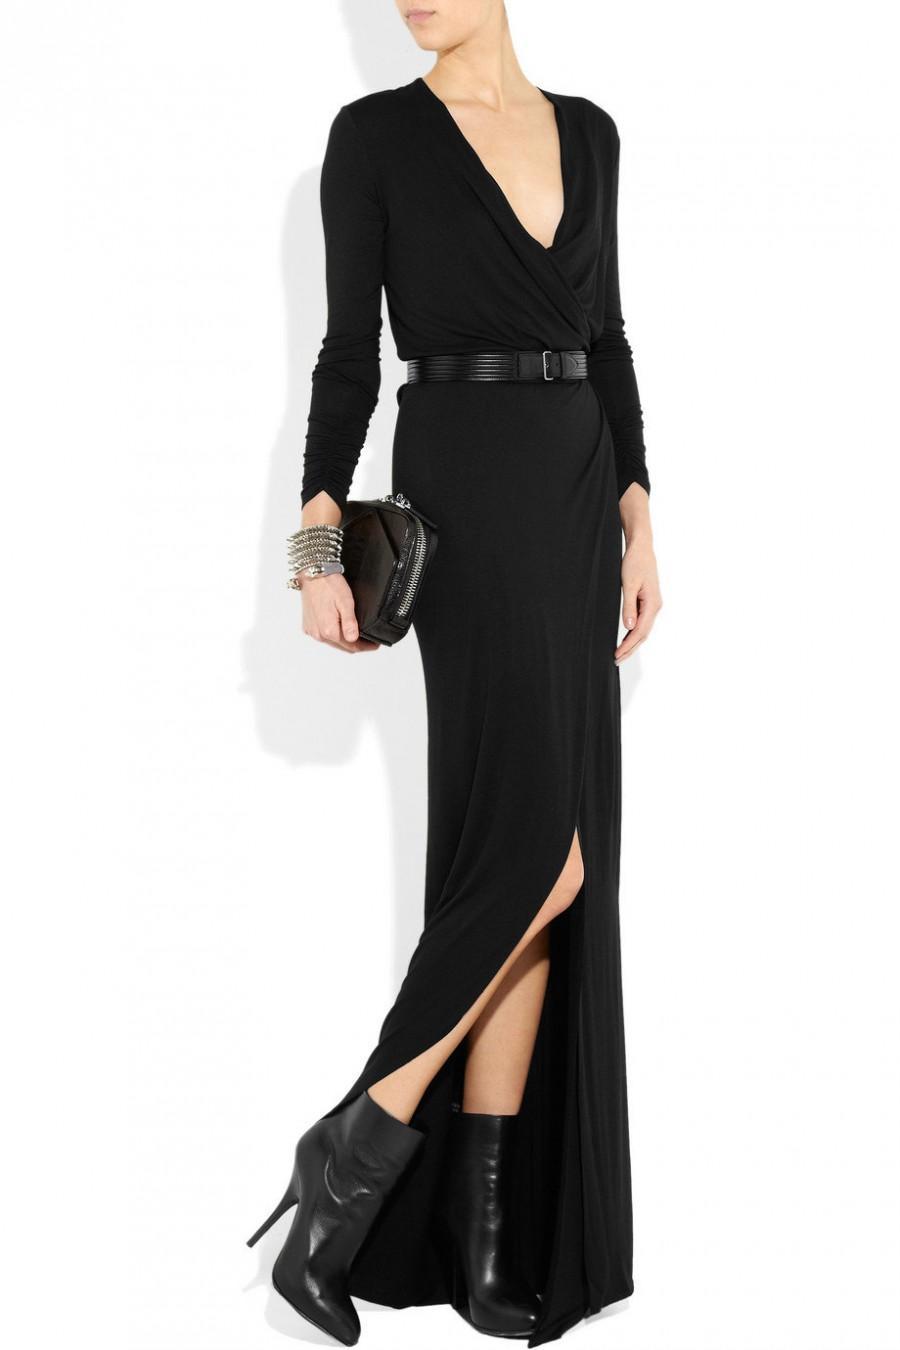 زفاف - Wedding guest wrap dress. Black tailor made floor length wrap dress Elegant evening gown Custom made pluss sizes dress